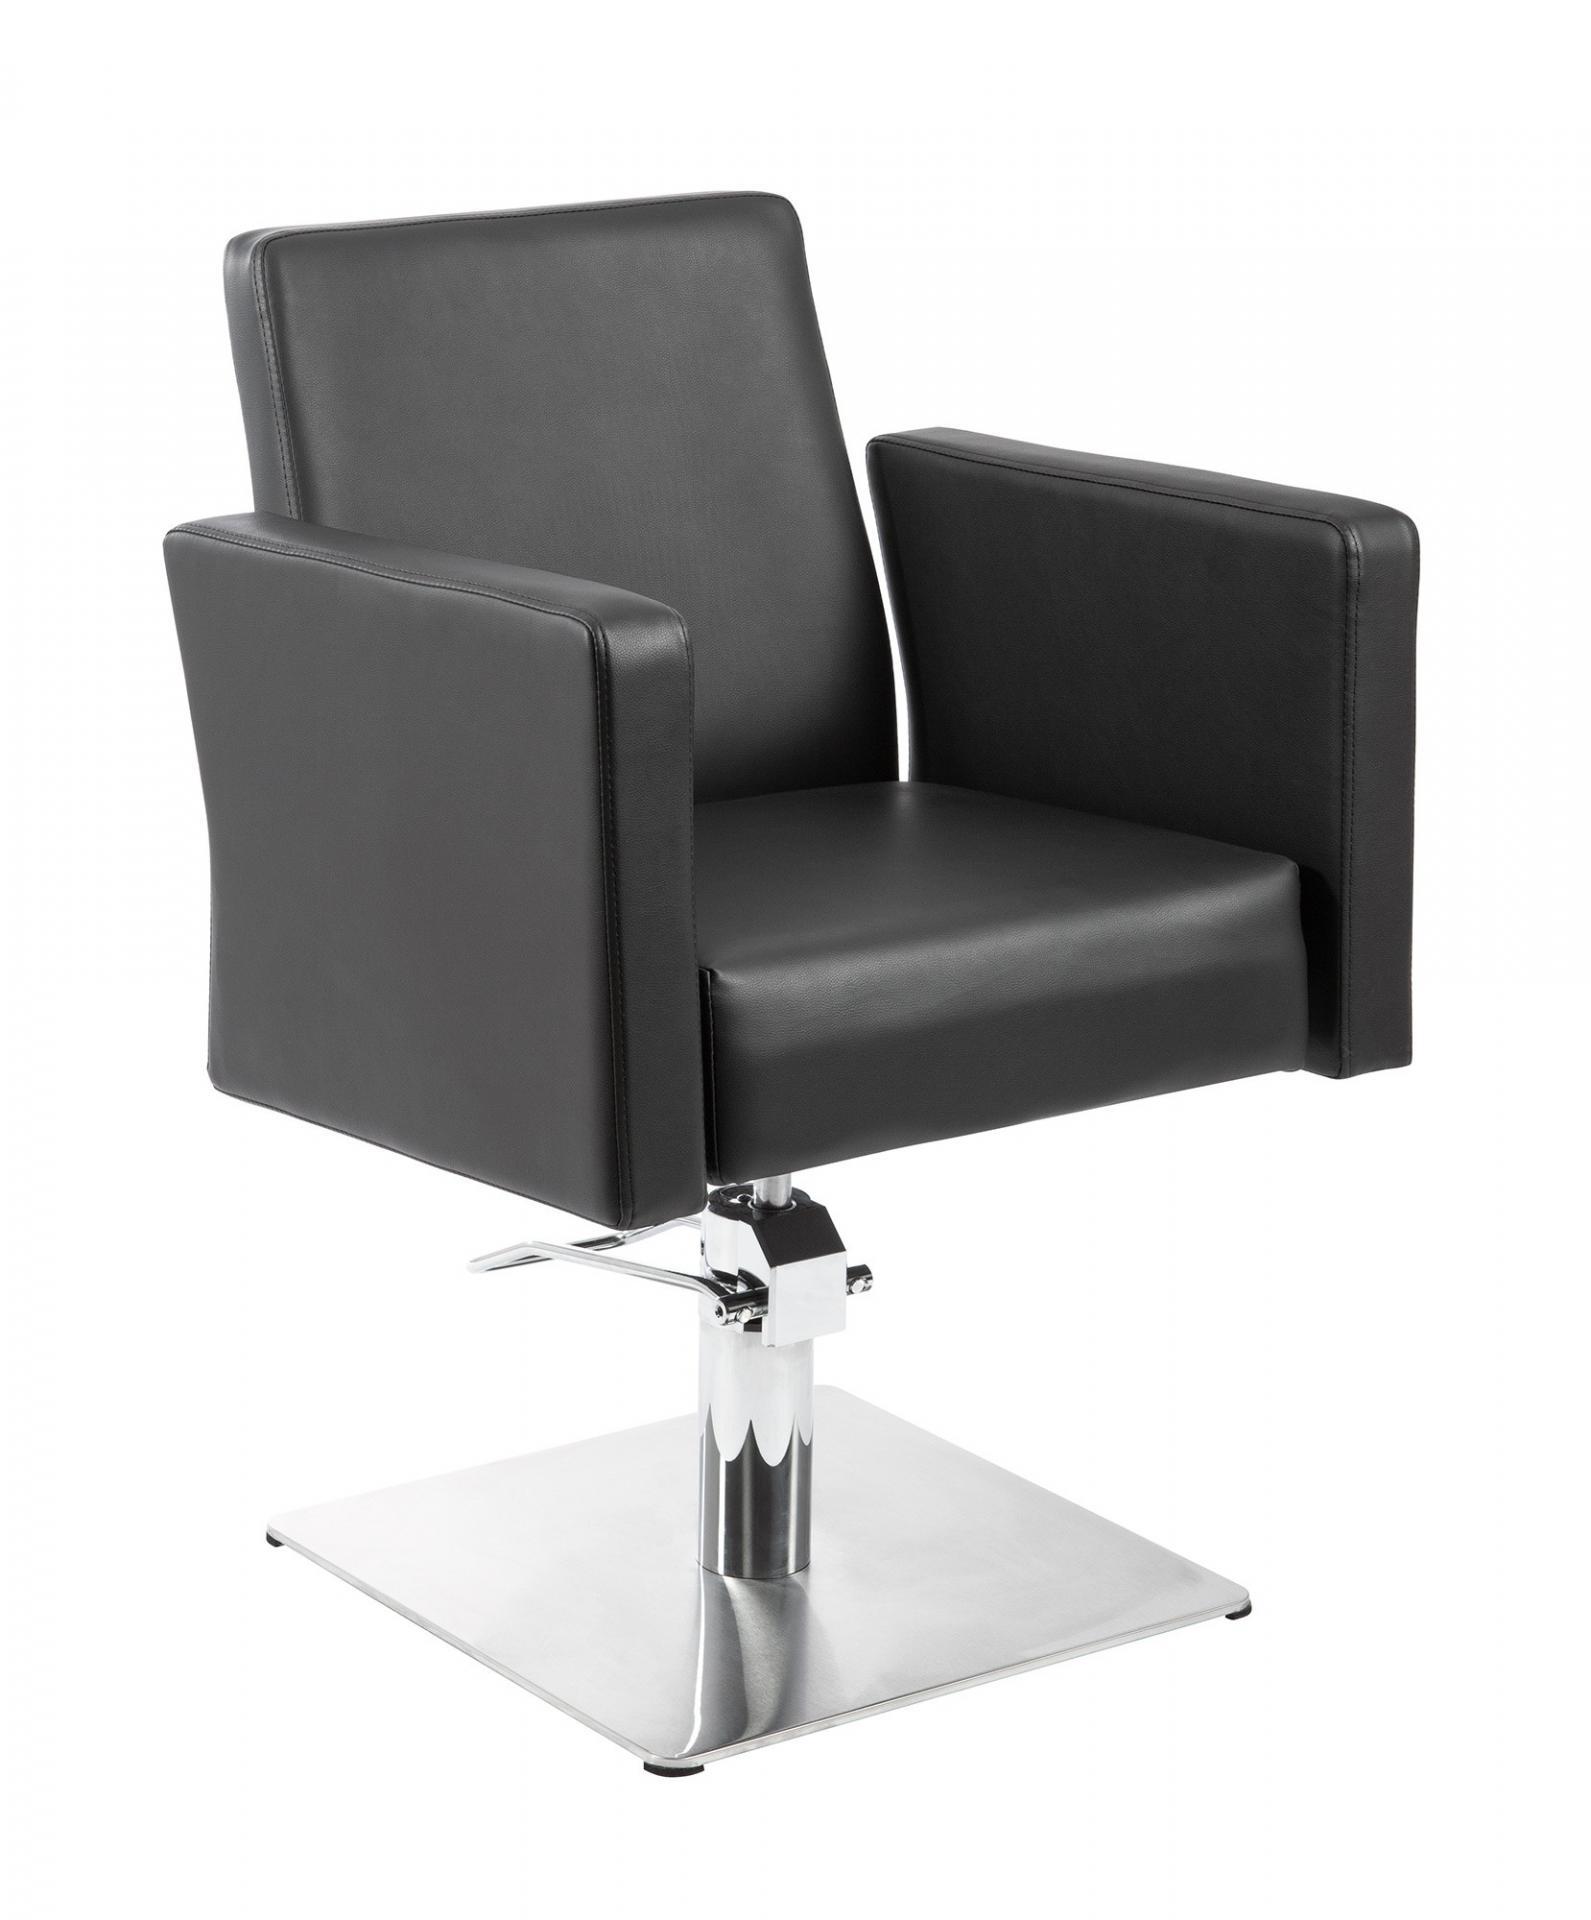 sillón DUOMI